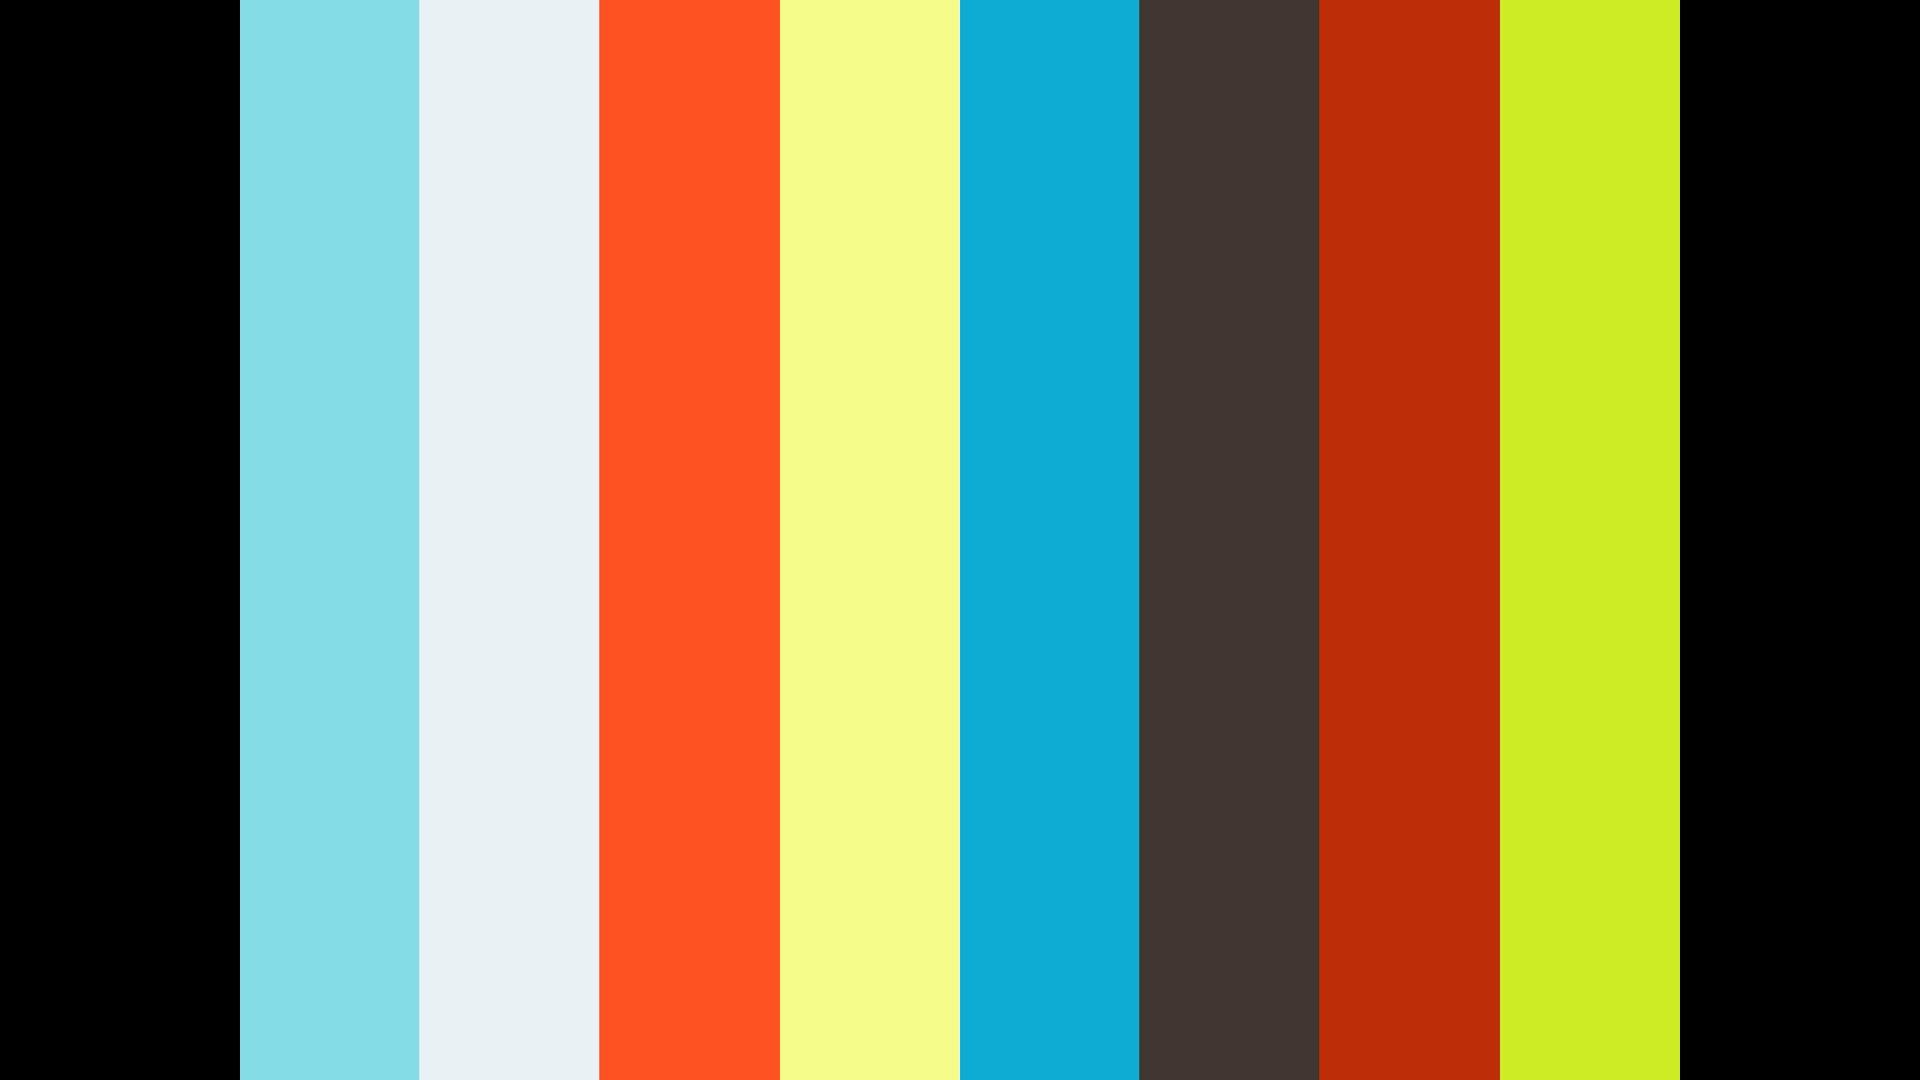 Рекламный ролик Яндекс. Деньги — Манилэндия для Тик-Ток